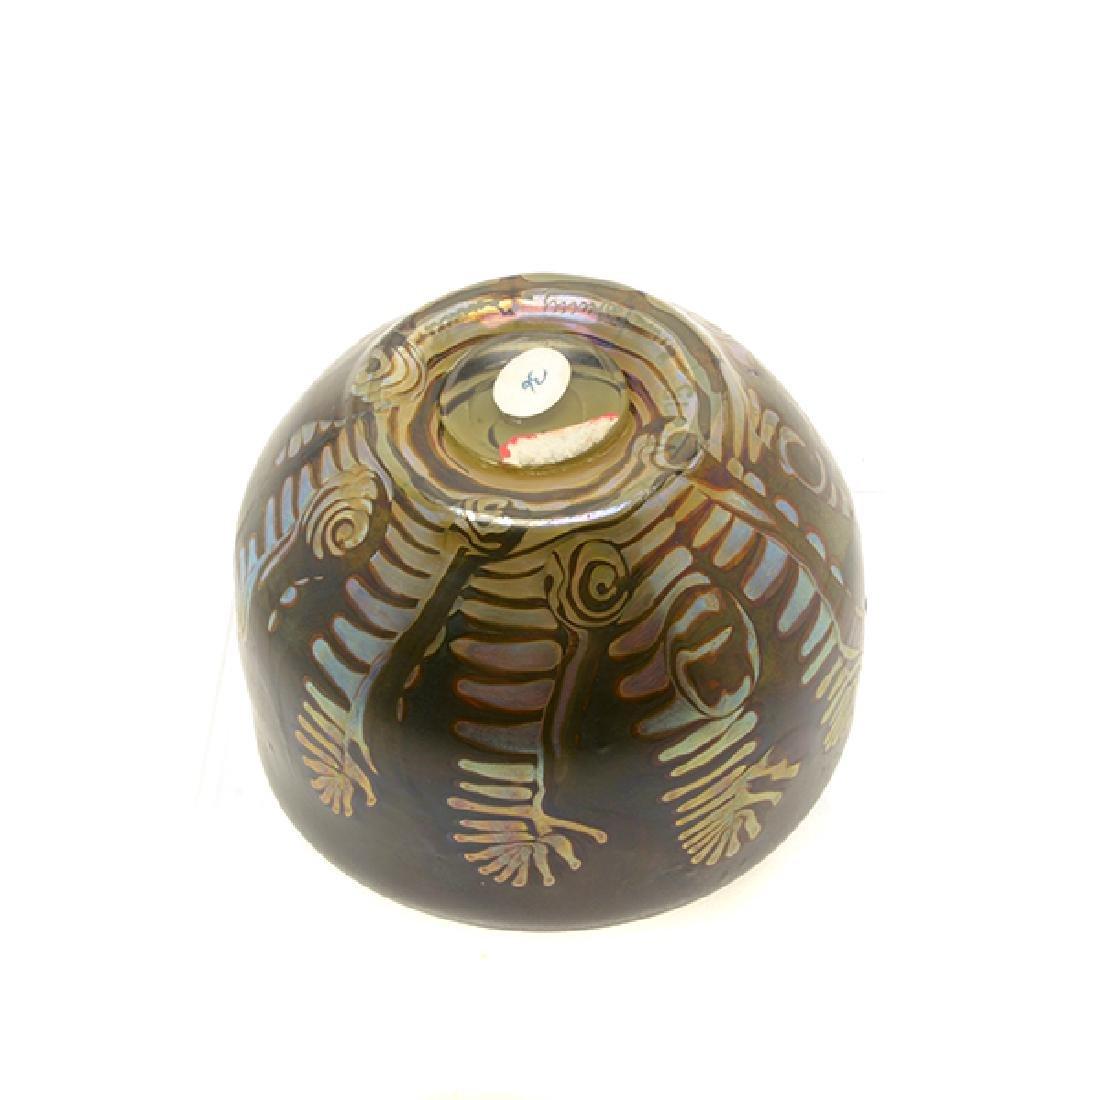 Tiffany Studios Favrile Vase - 7